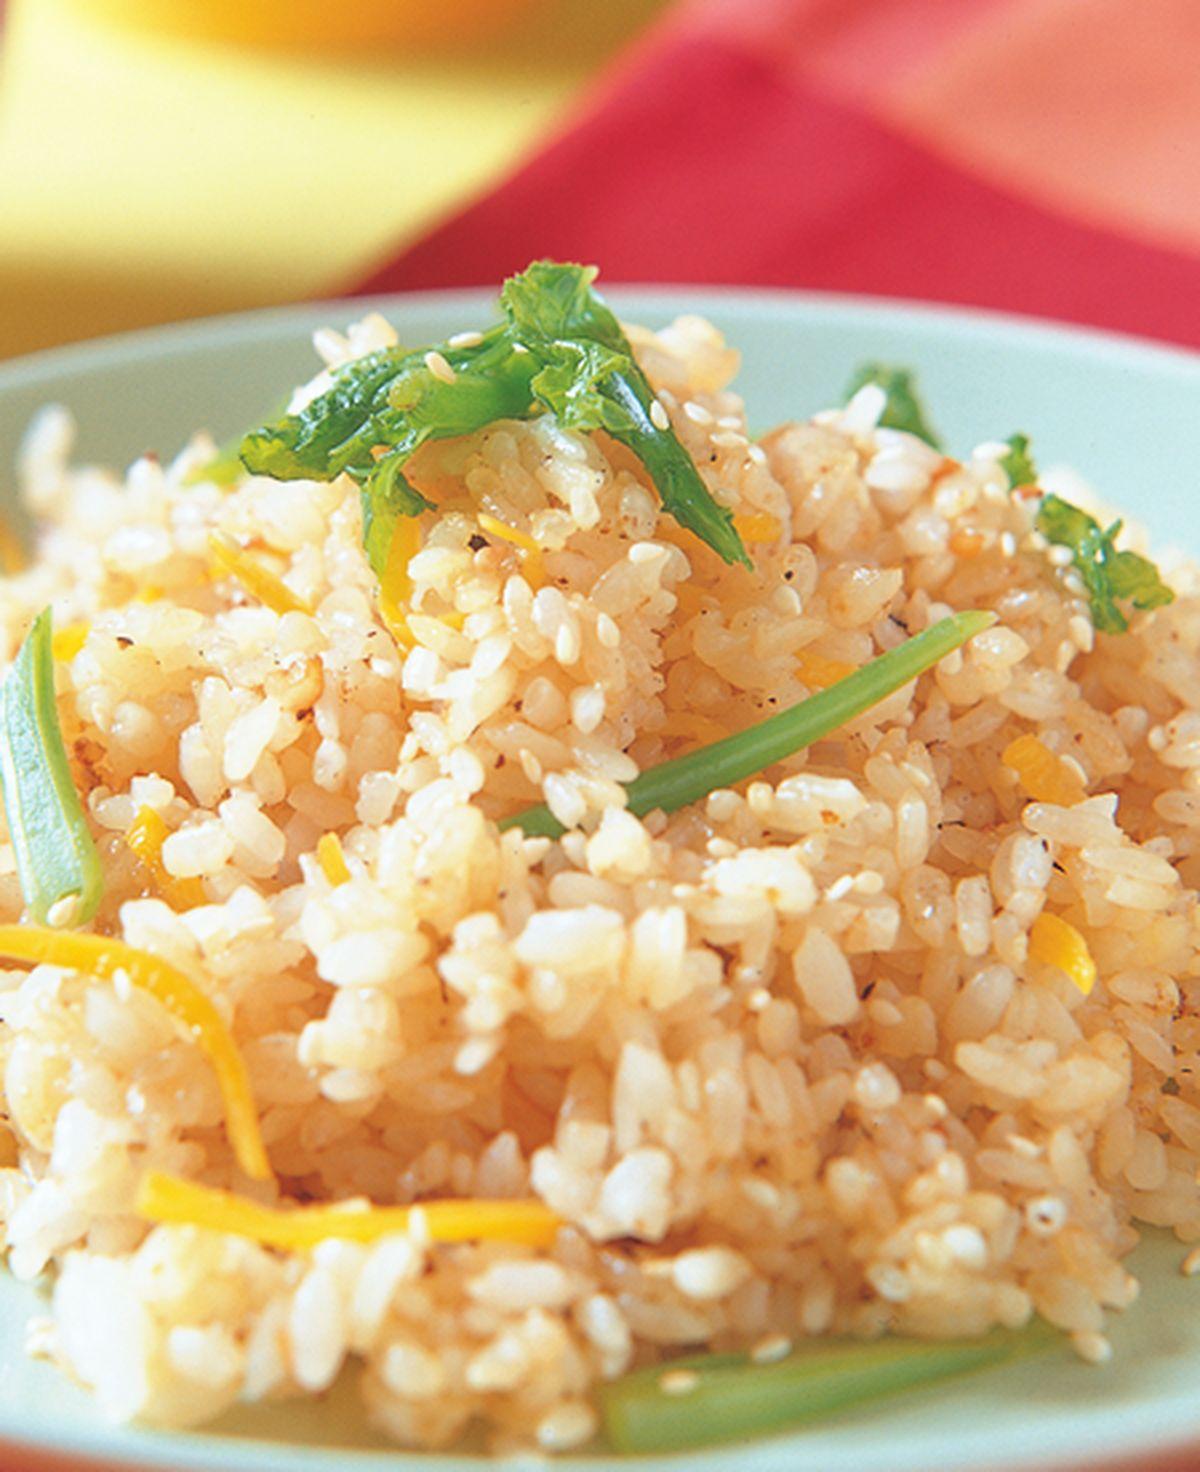 食譜:蘿蔔梗葉炒飯